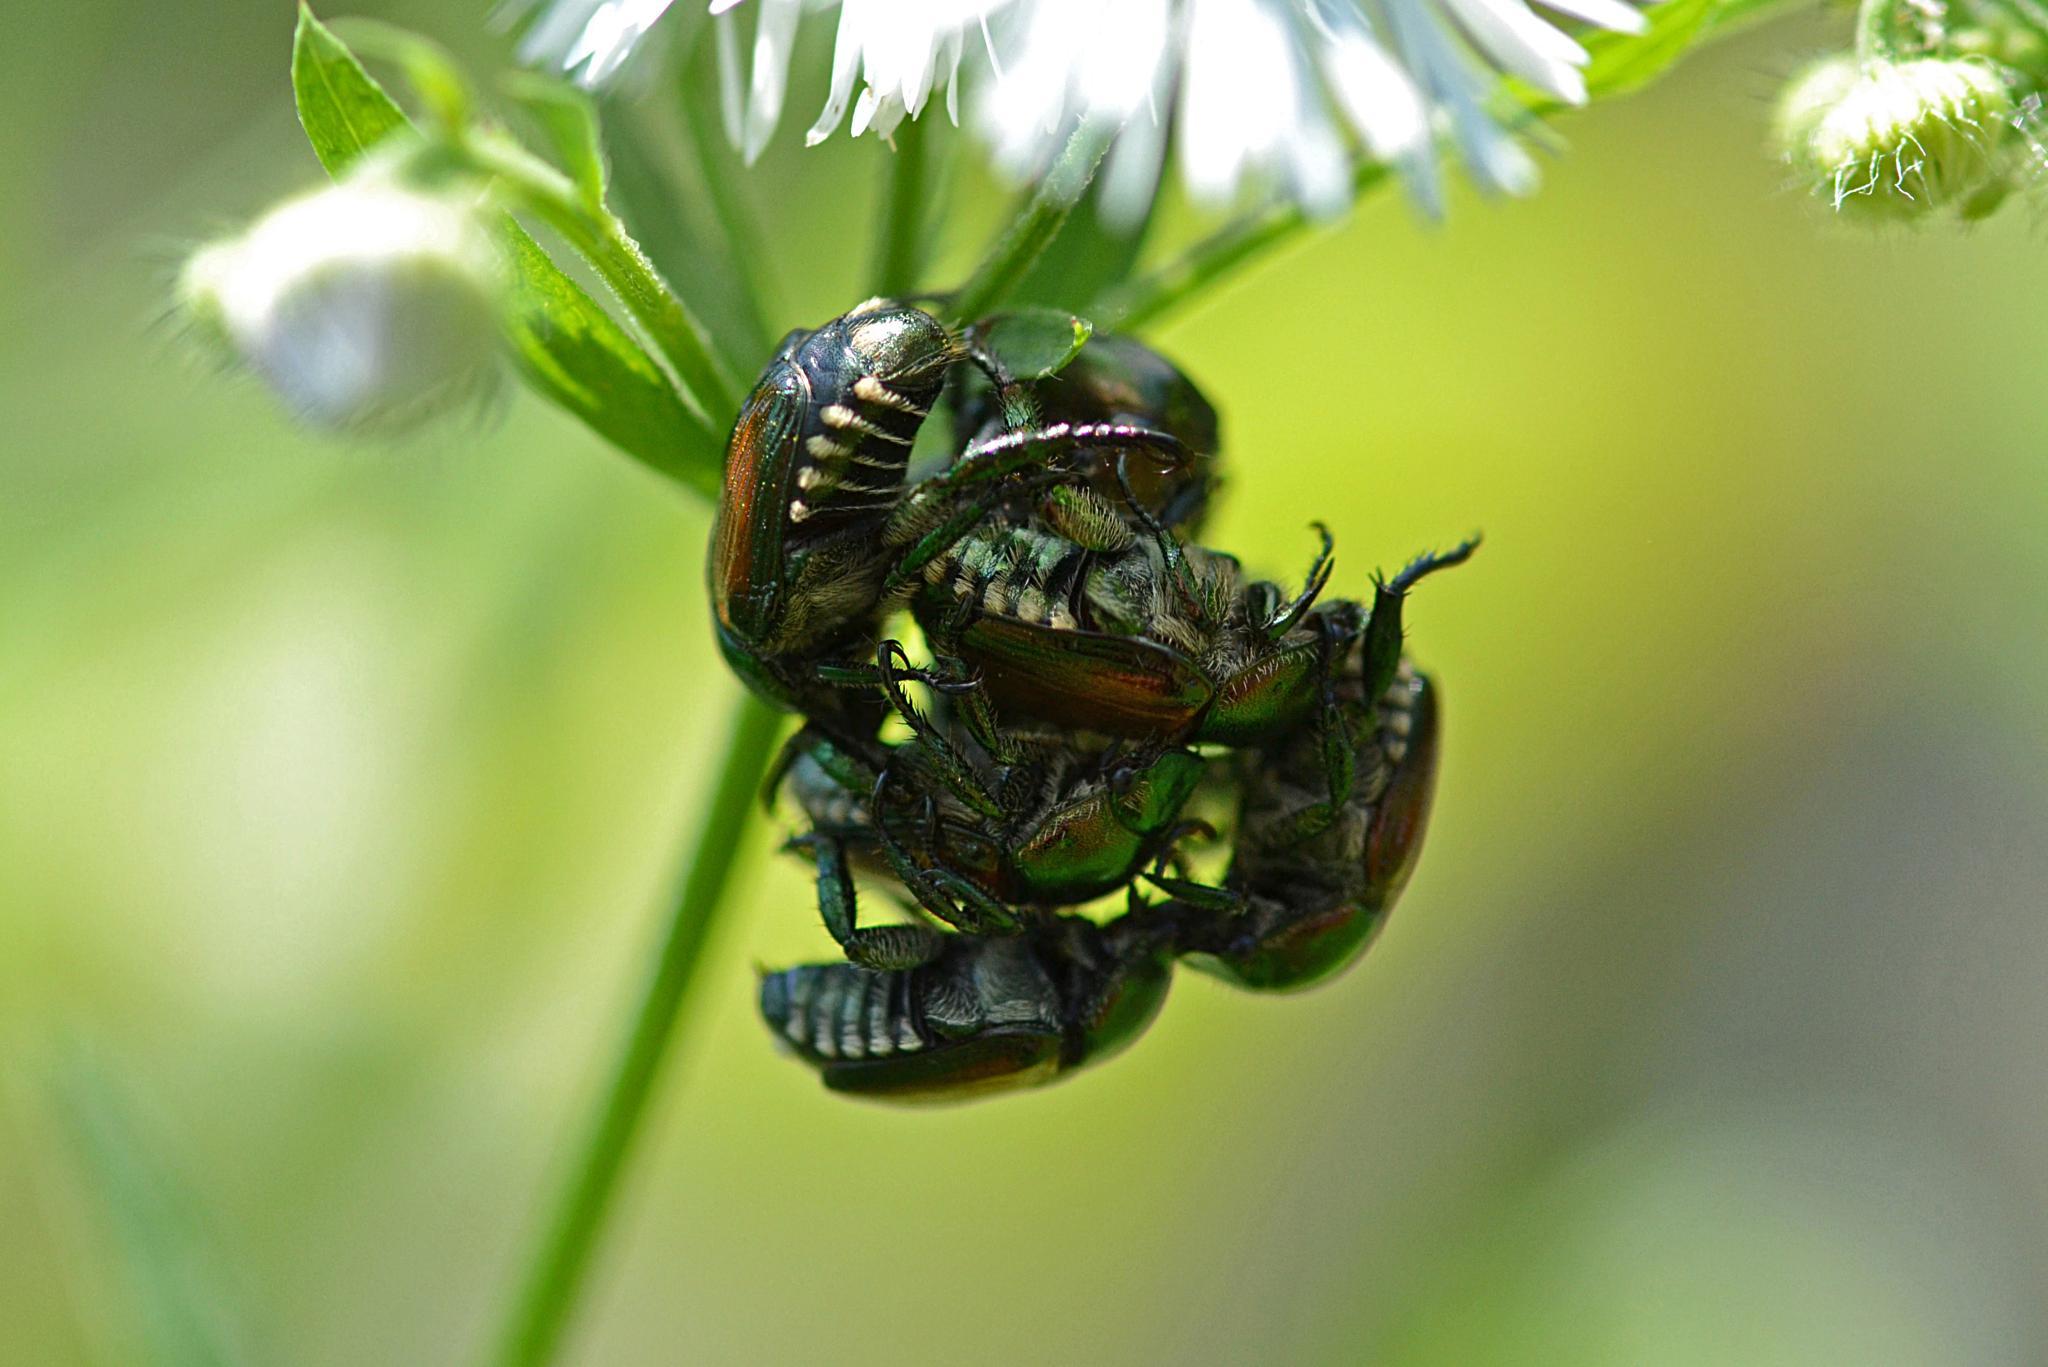 Beetle Love by Bill B.